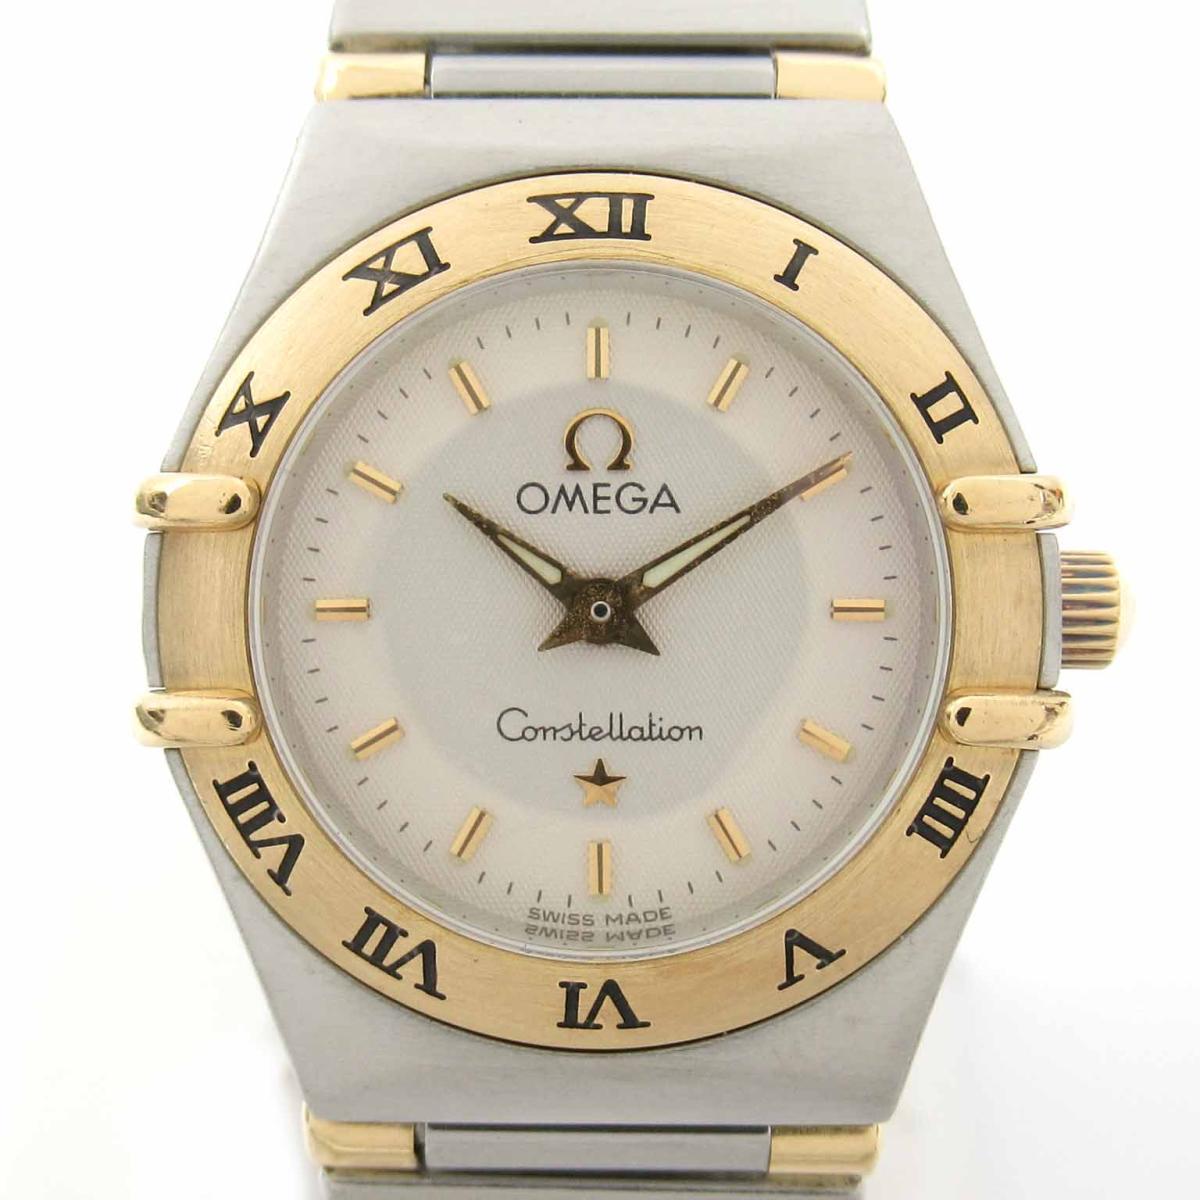 ≪期間限定≫メルマガ登録でクーポンGET! 【中古】 オメガ コンステレーション ミニ ウォッチ 腕時計 レディース K18YG (750)イエローゴールド ステンレススチール (SS) (1372.30) | OMEGA BRANDOFF ブランドオフ ブランド ブランド時計 ブランド腕時計 時計